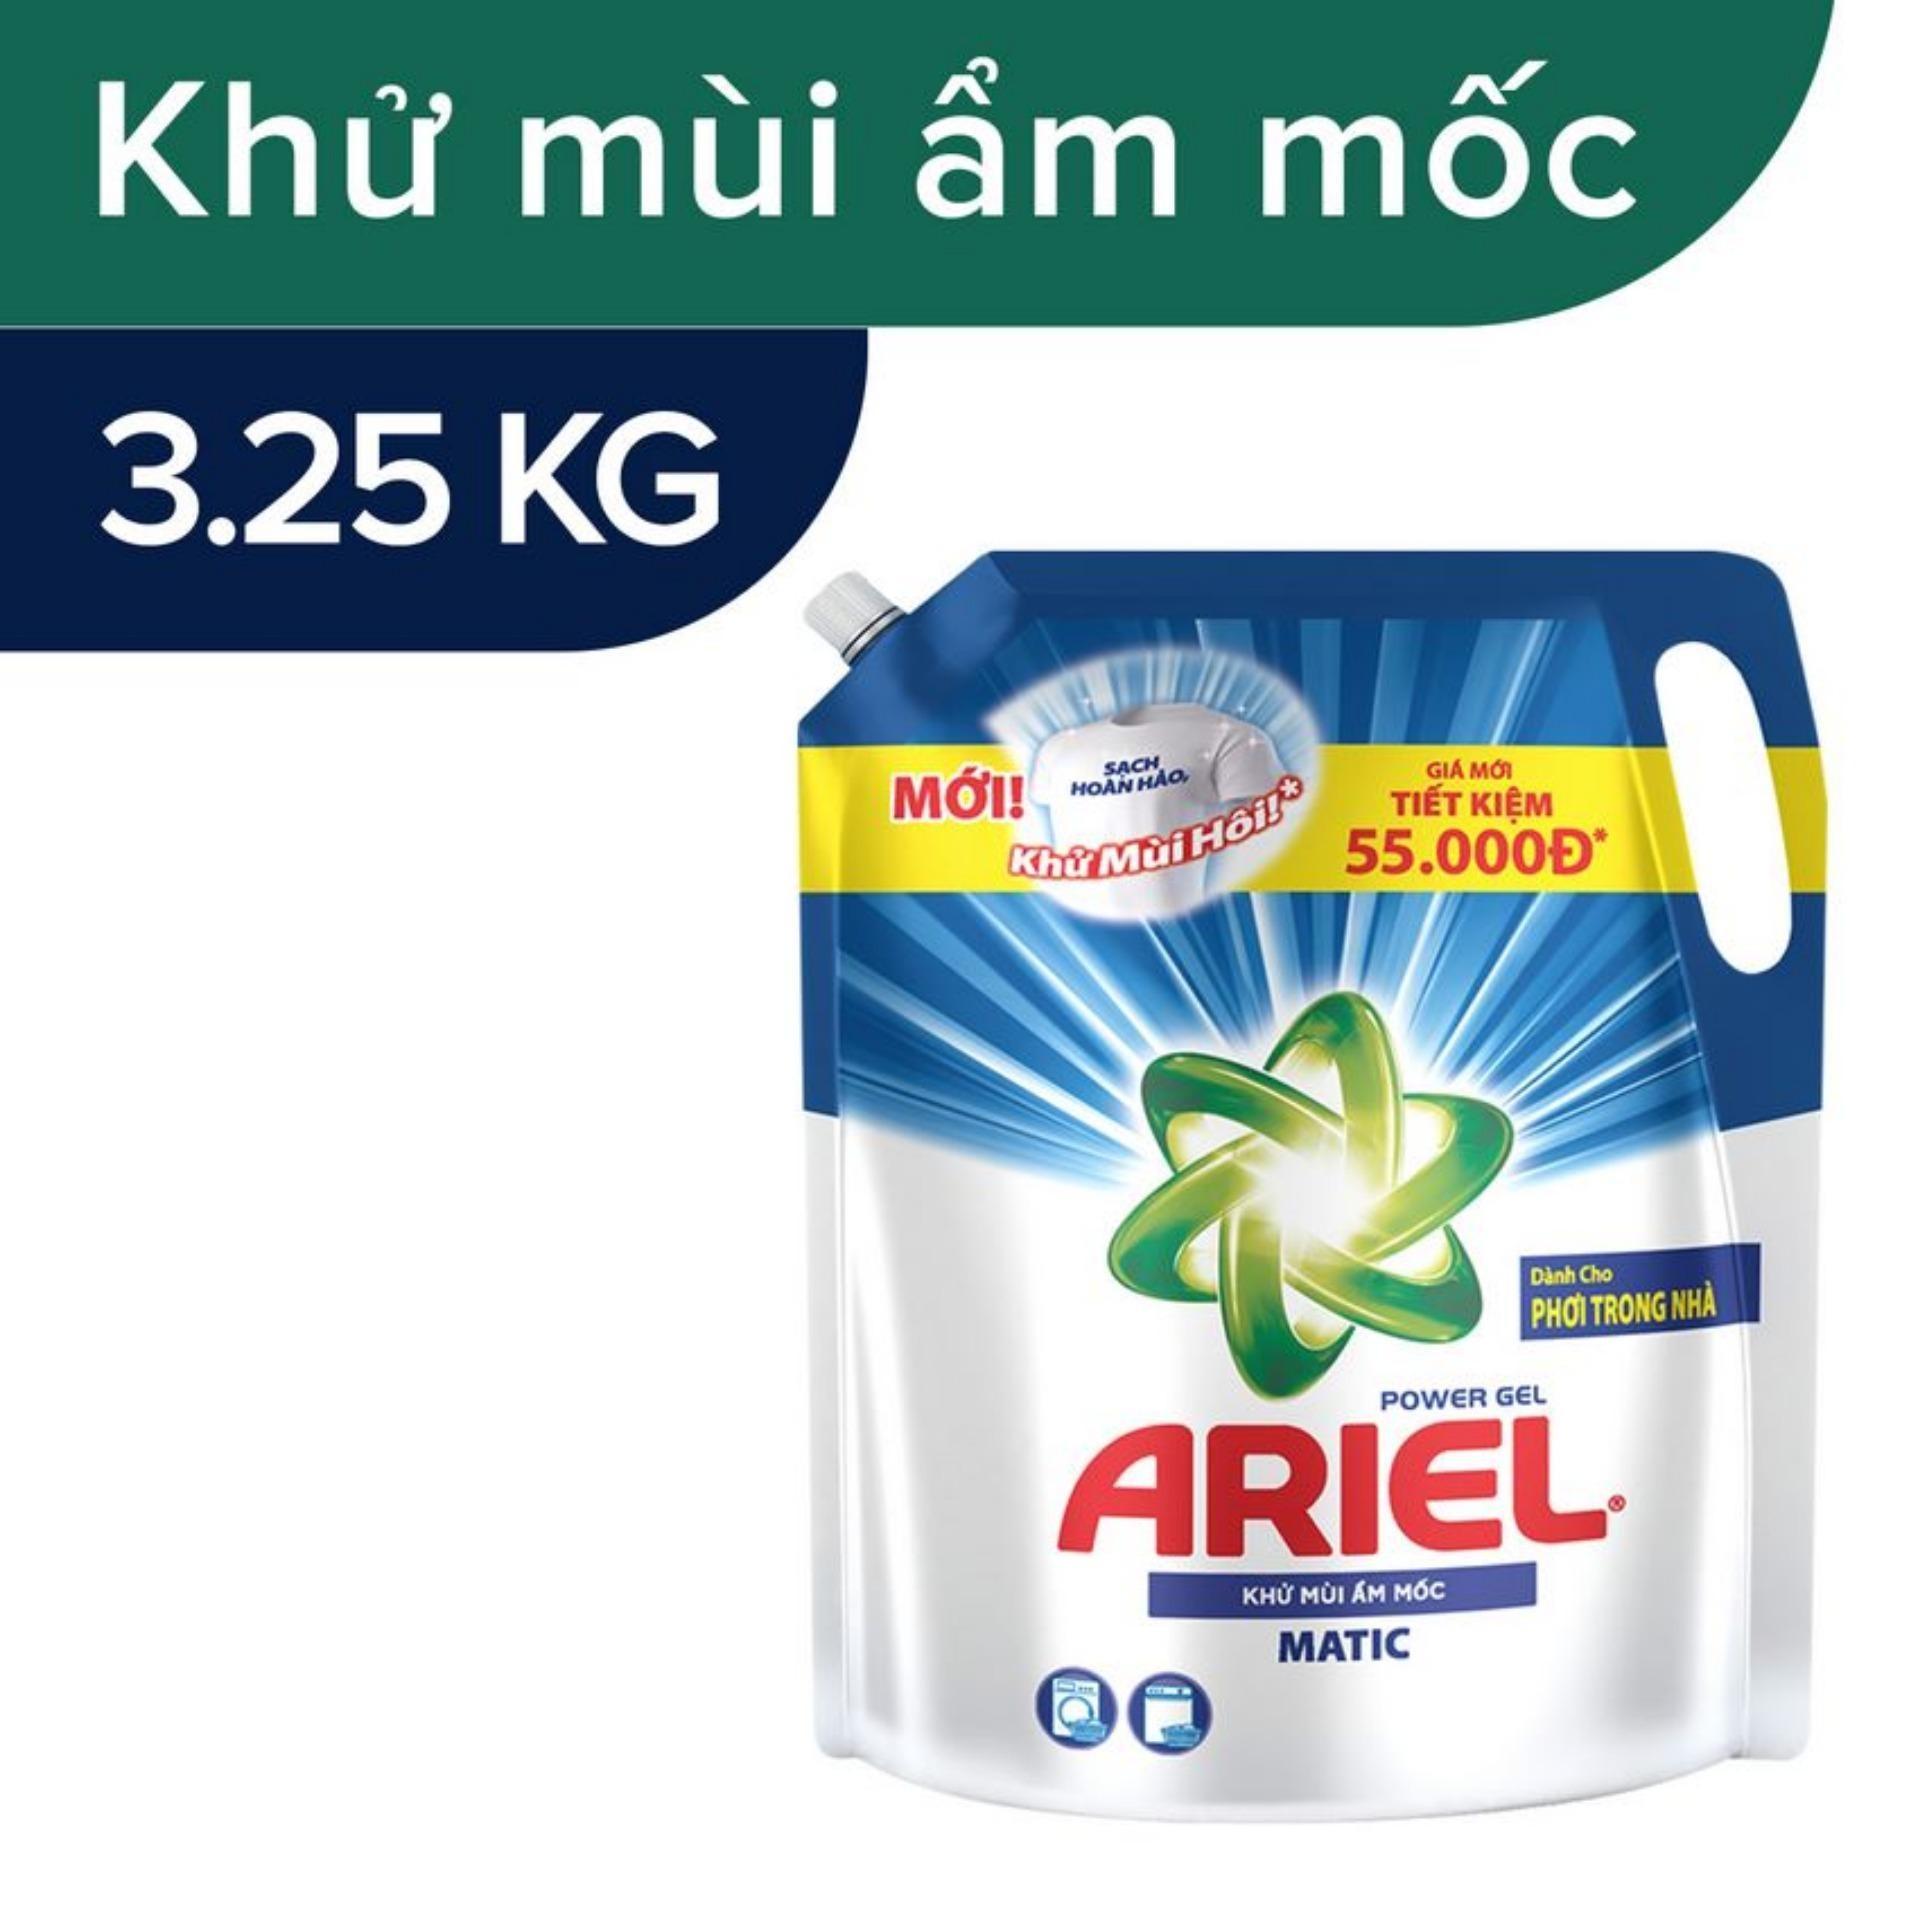 Nước Giặt Ariel Khử Mùi Ẩm Mốc Túi 3.25kg - 4902430841573